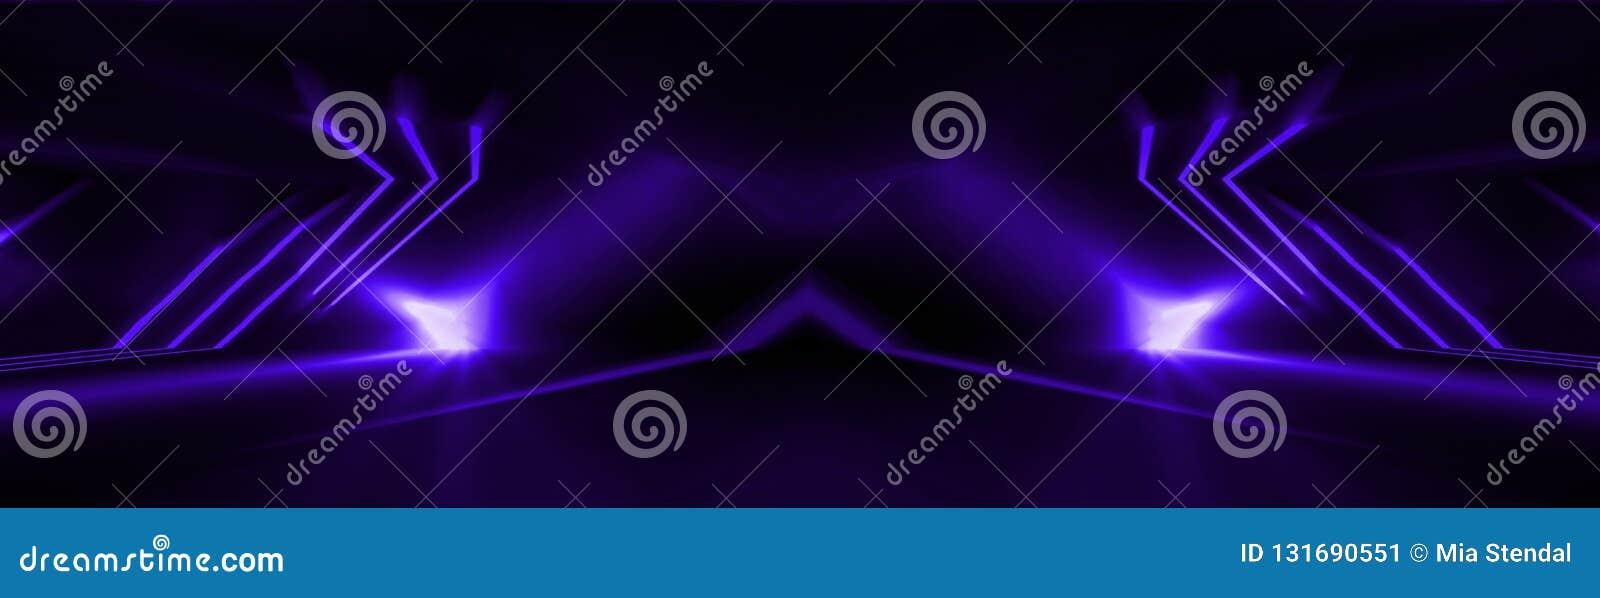 Темная абстрактная пурпурная предпосылка Неоновое свето, лучи, ультрамарин в темноте